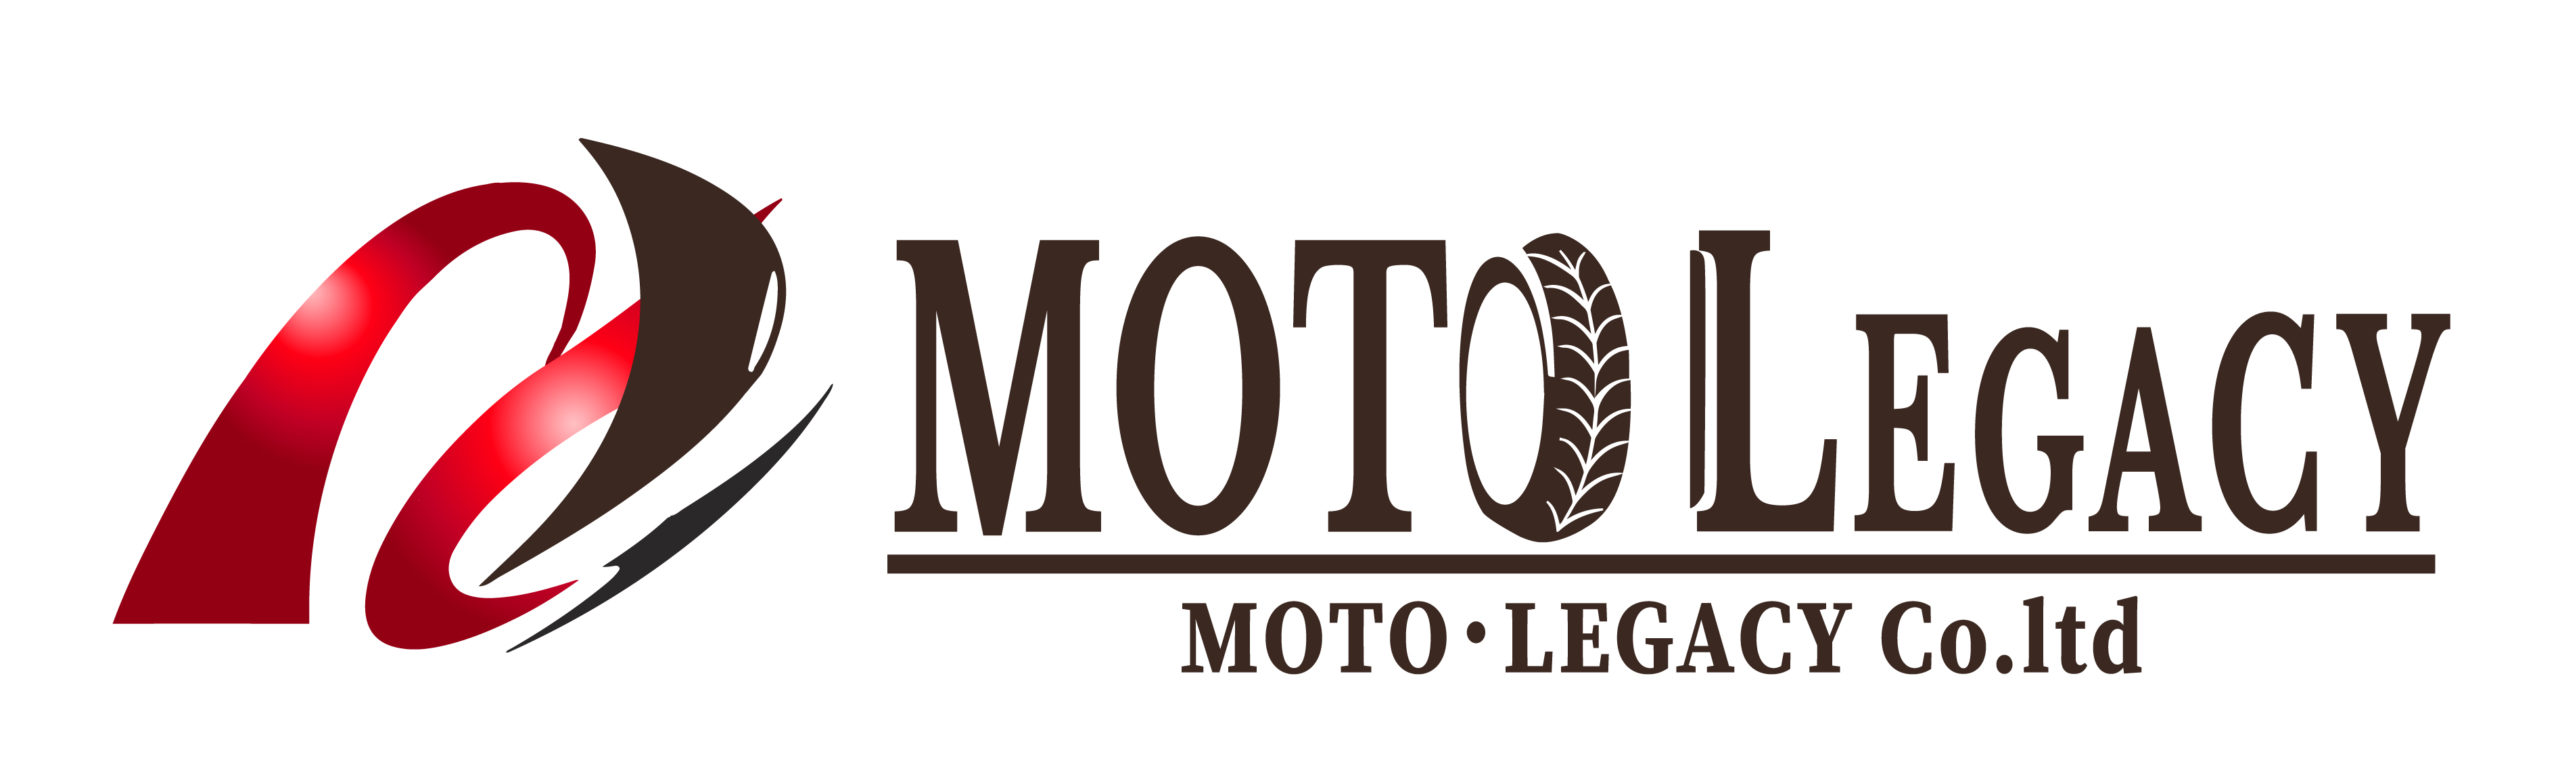 株式会社モトレガシー.MOTO Legacy